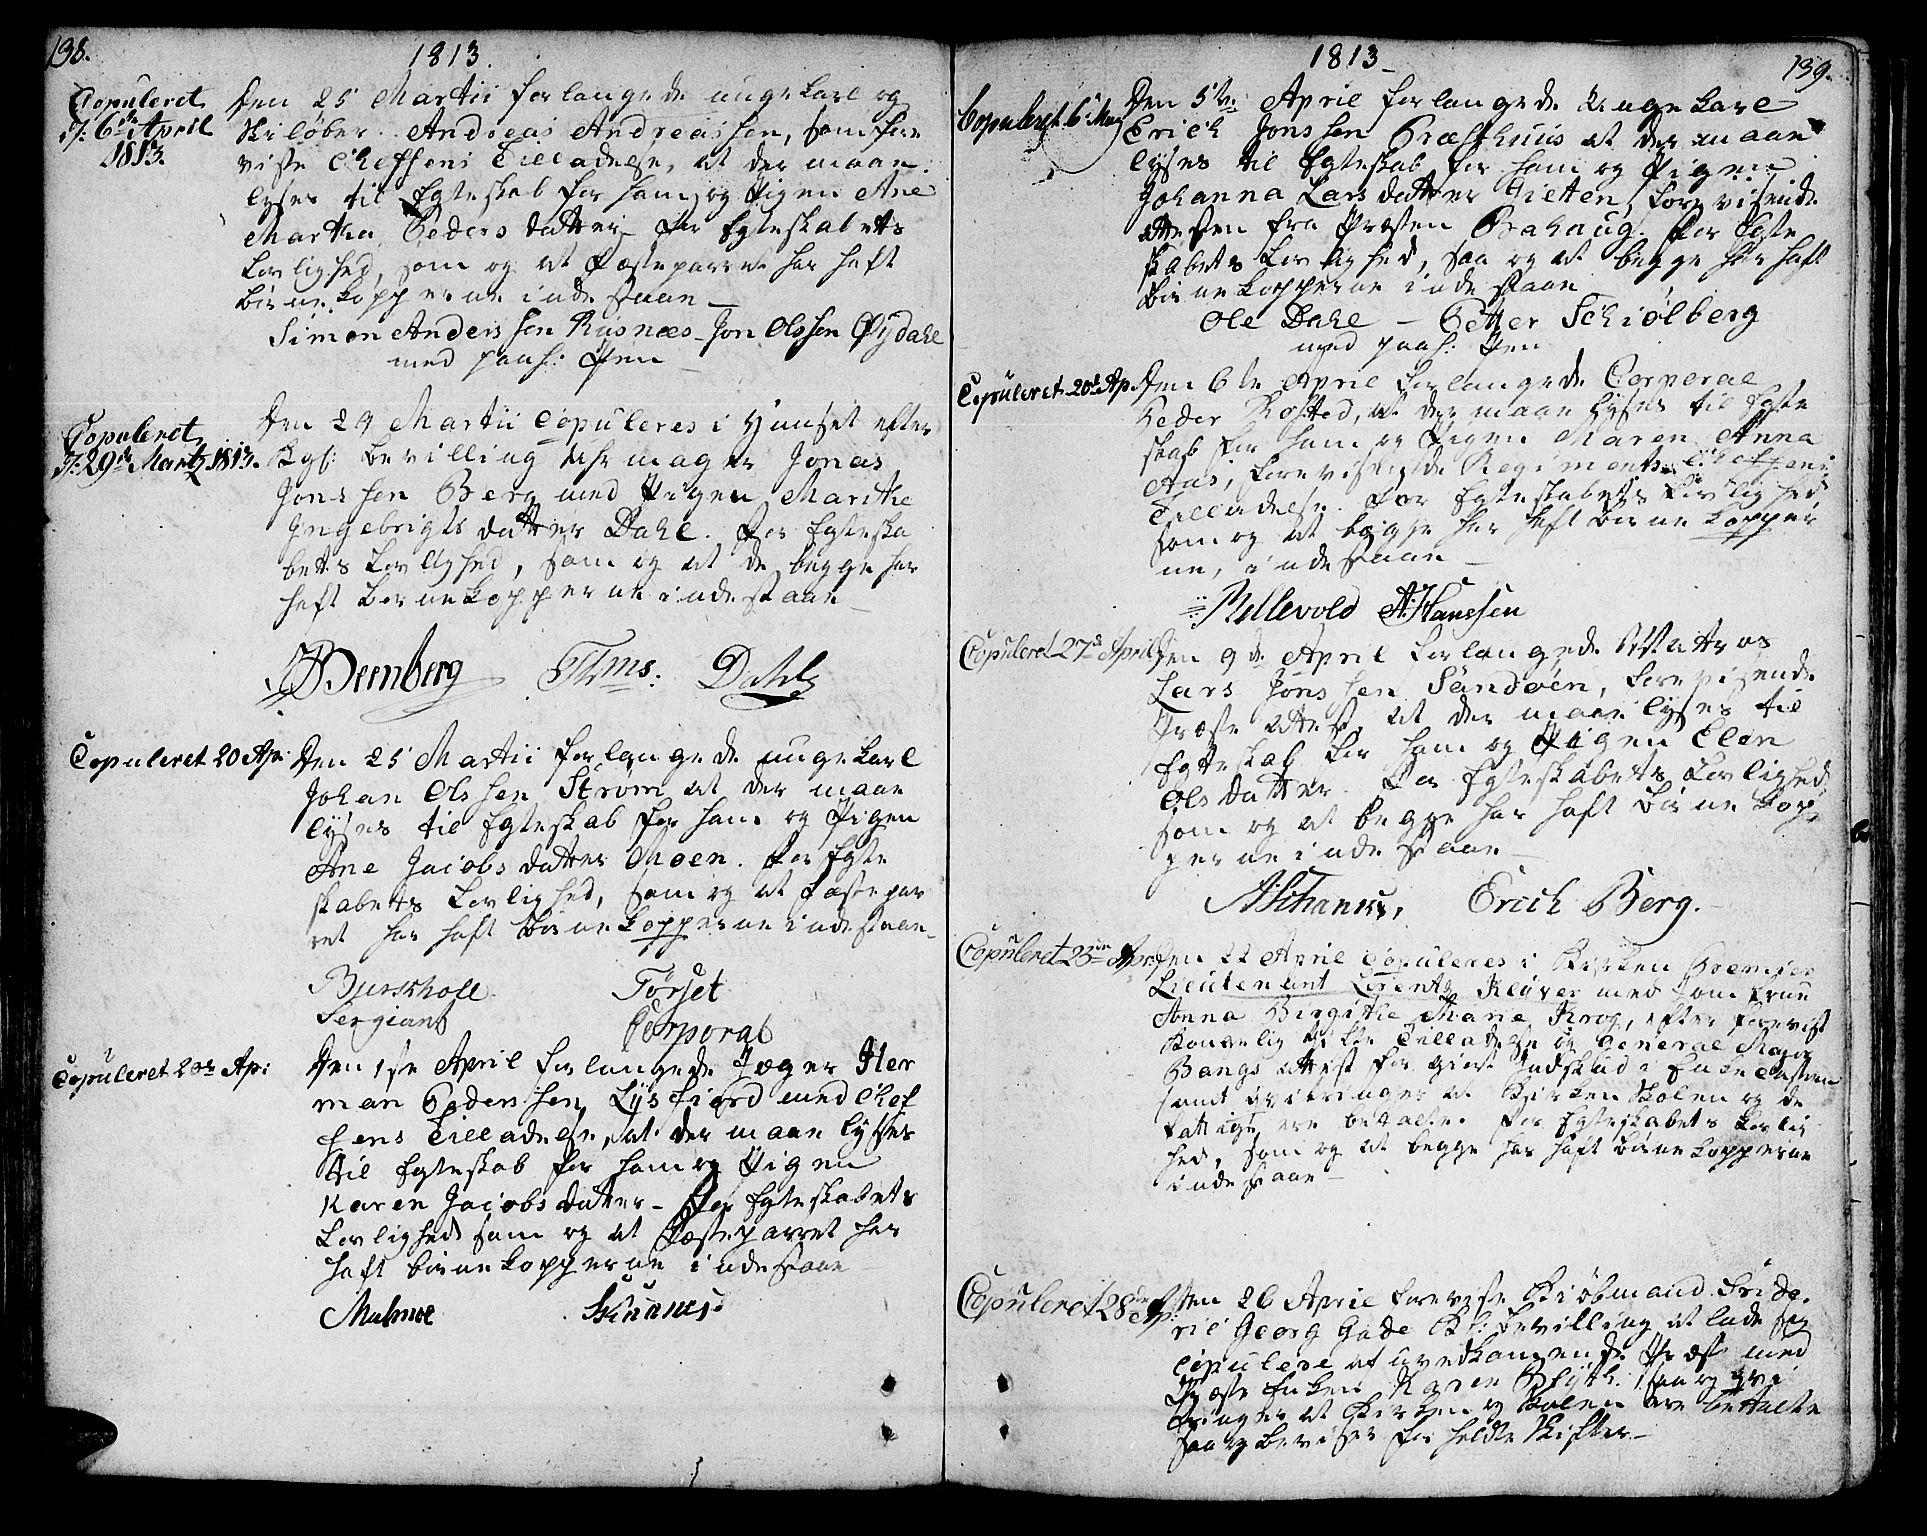 SAT, Ministerialprotokoller, klokkerbøker og fødselsregistre - Sør-Trøndelag, 601/L0042: Ministerialbok nr. 601A10, 1802-1830, s. 138-139